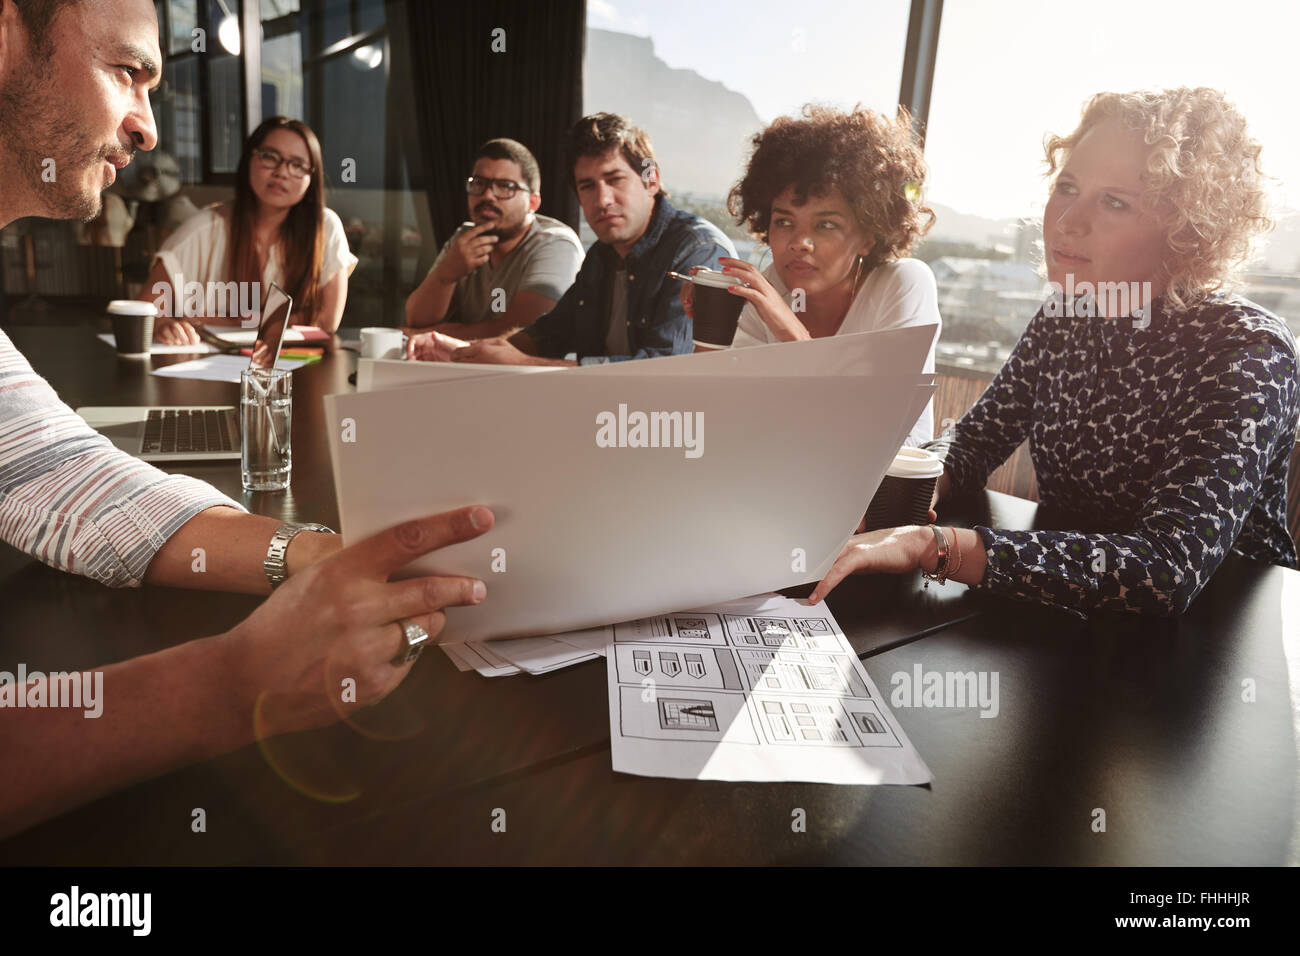 Closeup Aufnahme des Team von jungen Leuten über Papierkram. Kreative Menschen treffen am Tisch im Restaurant. Stockbild